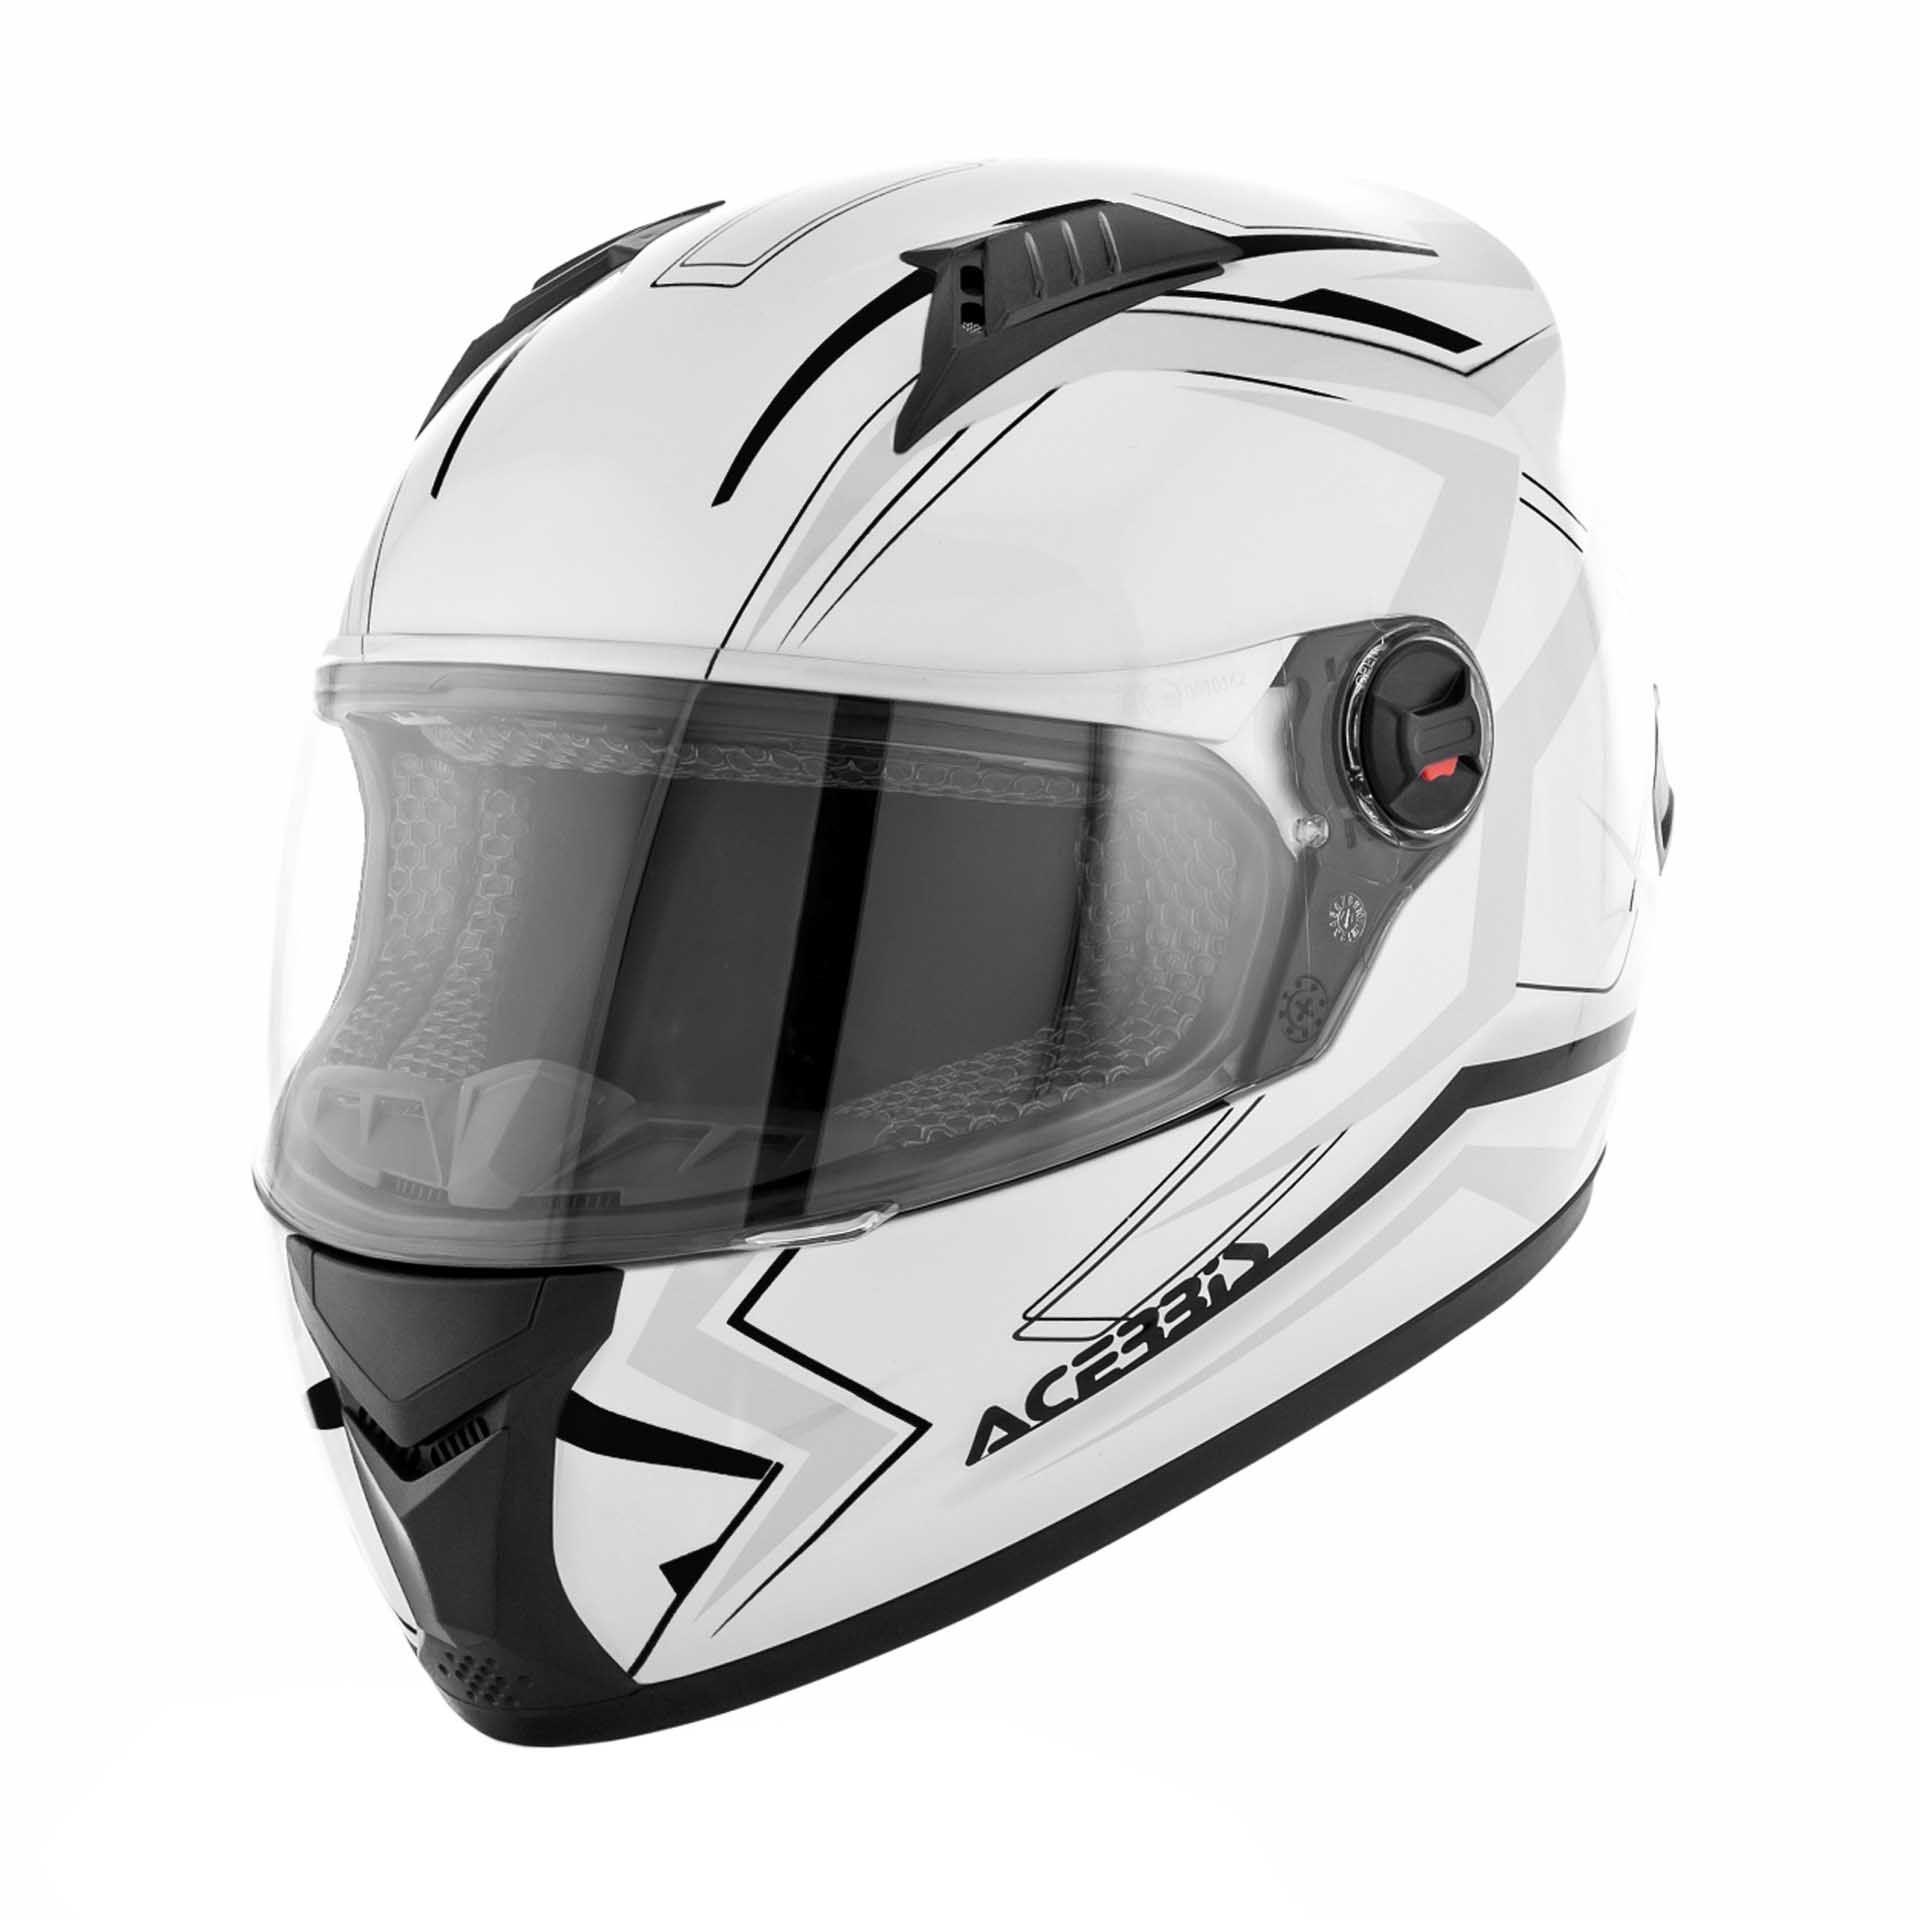 Casque intégral Acerbis FS-807 blanc/noir - XXL